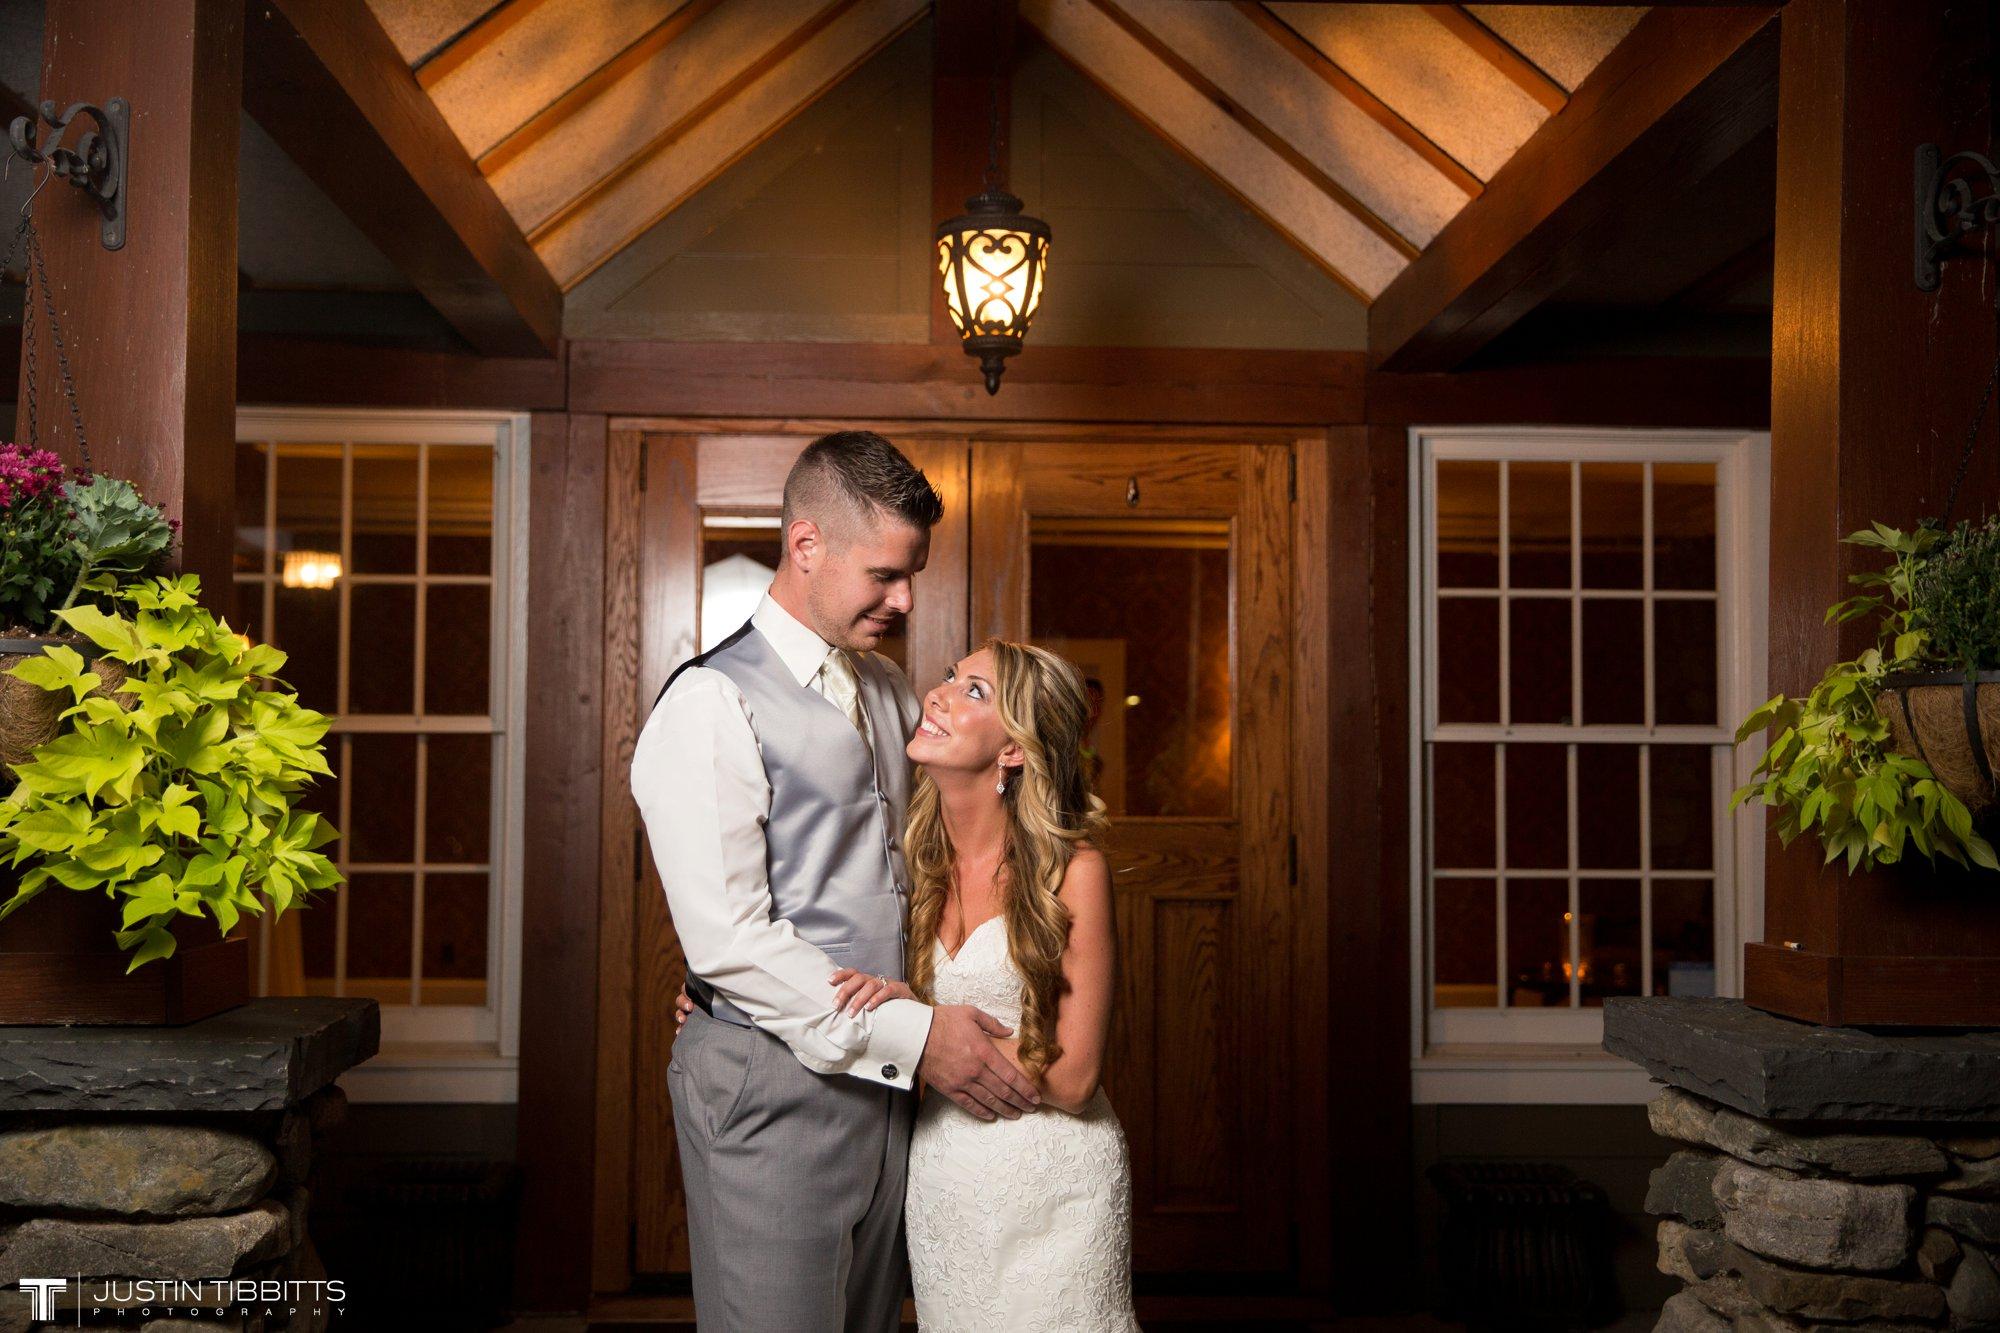 Albany NY Wedding Photographer Justin Tibbitts Photography 2014 Best of Albany NY Weddings-123988